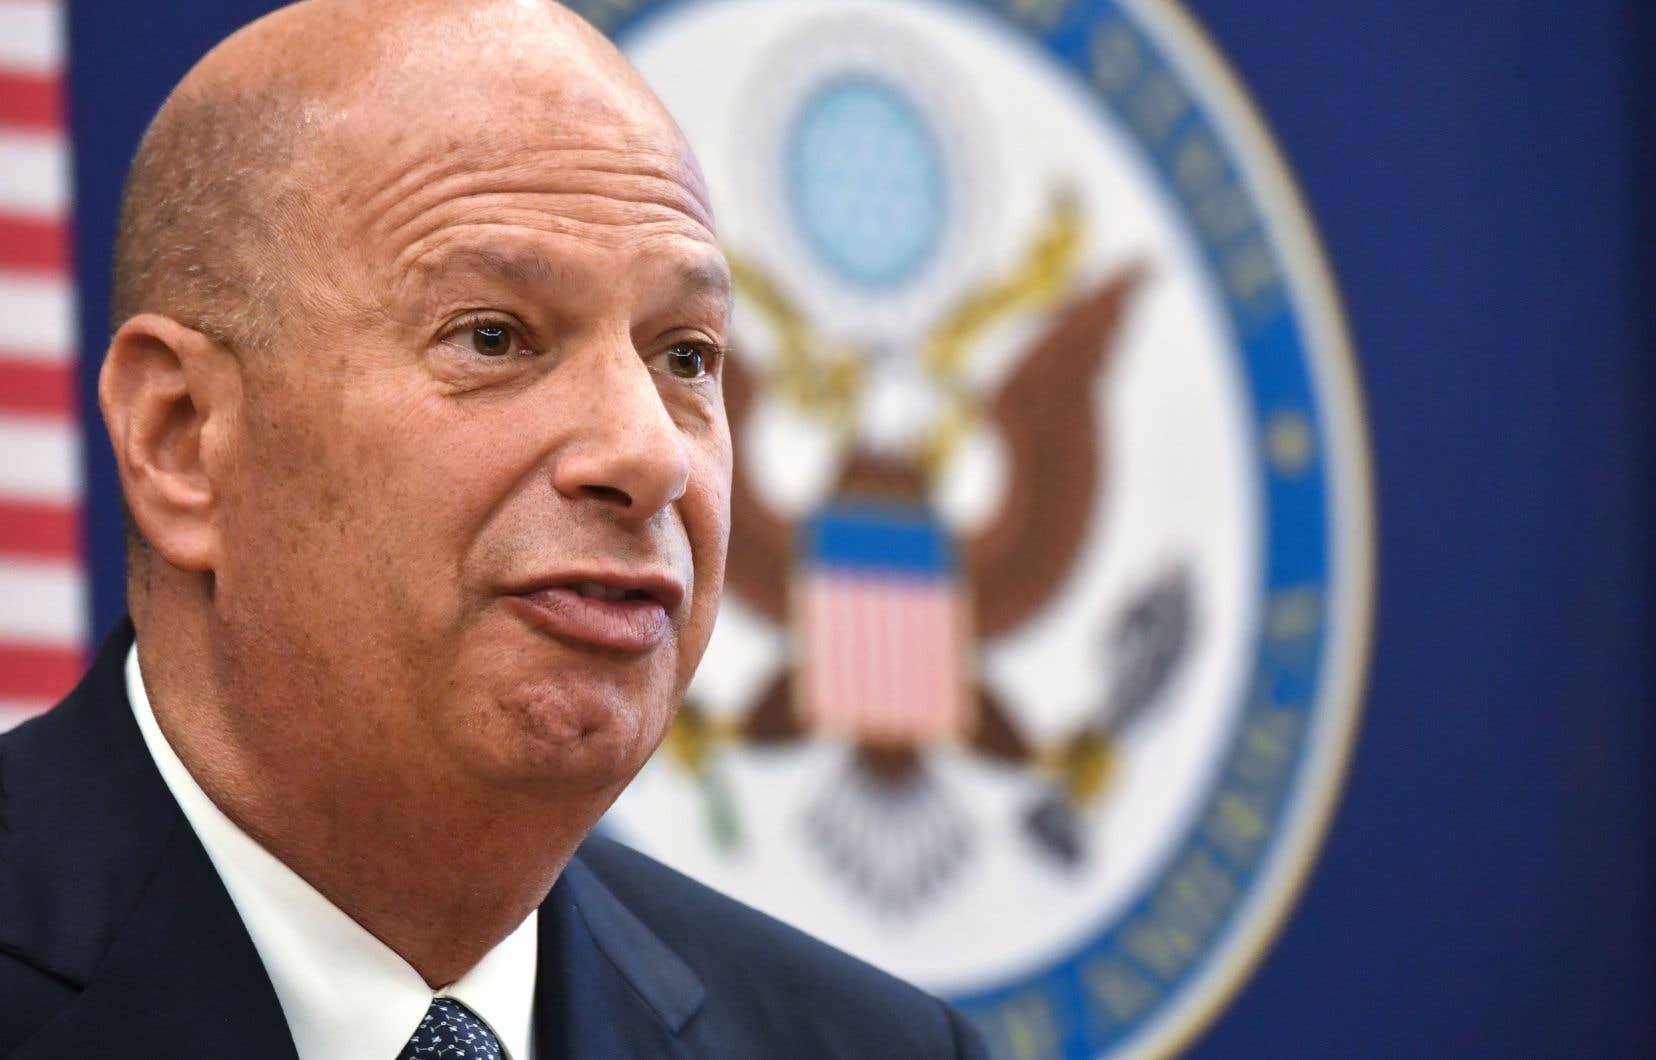 L'ambassadeur américain Gordon Sondland a été informé mardi par la Maison-Blanche qu'il ne devait pas se présenter aux audiences du Congrès.